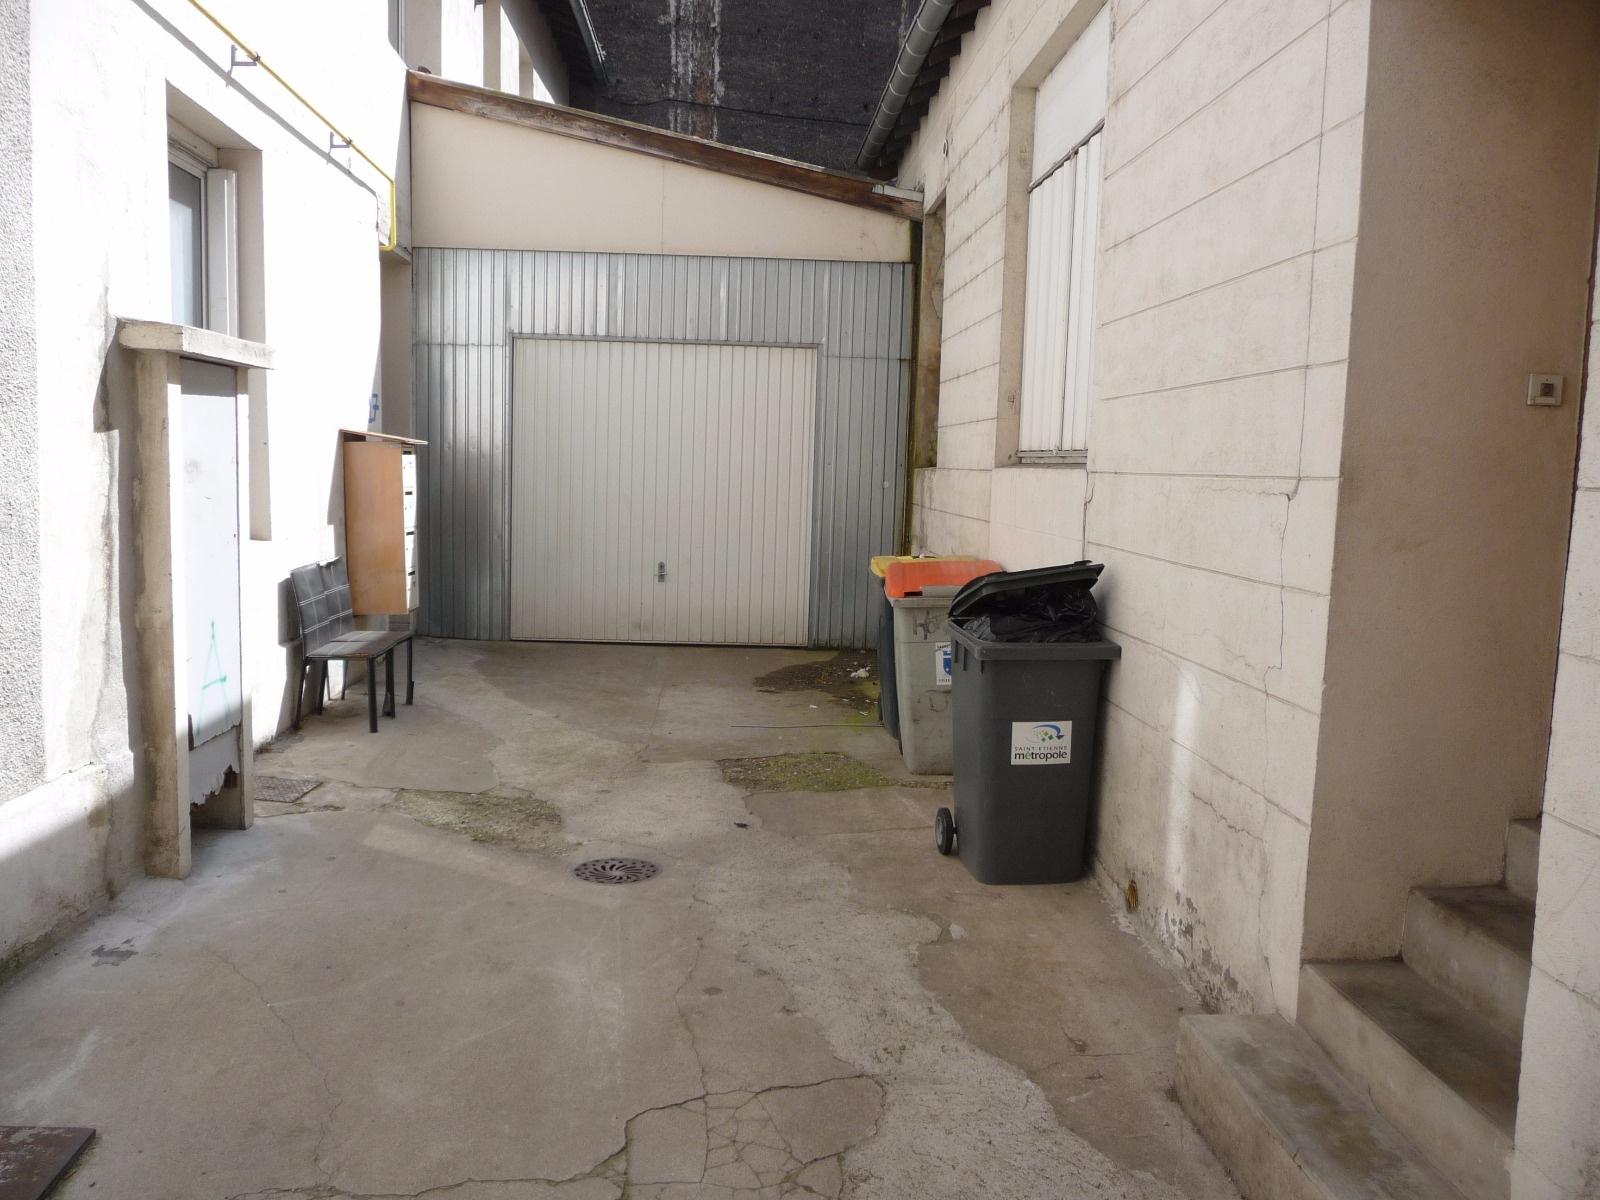 Vente saint etienne rue emile reymond immeuble de rapport for Garage tardy saint etienne